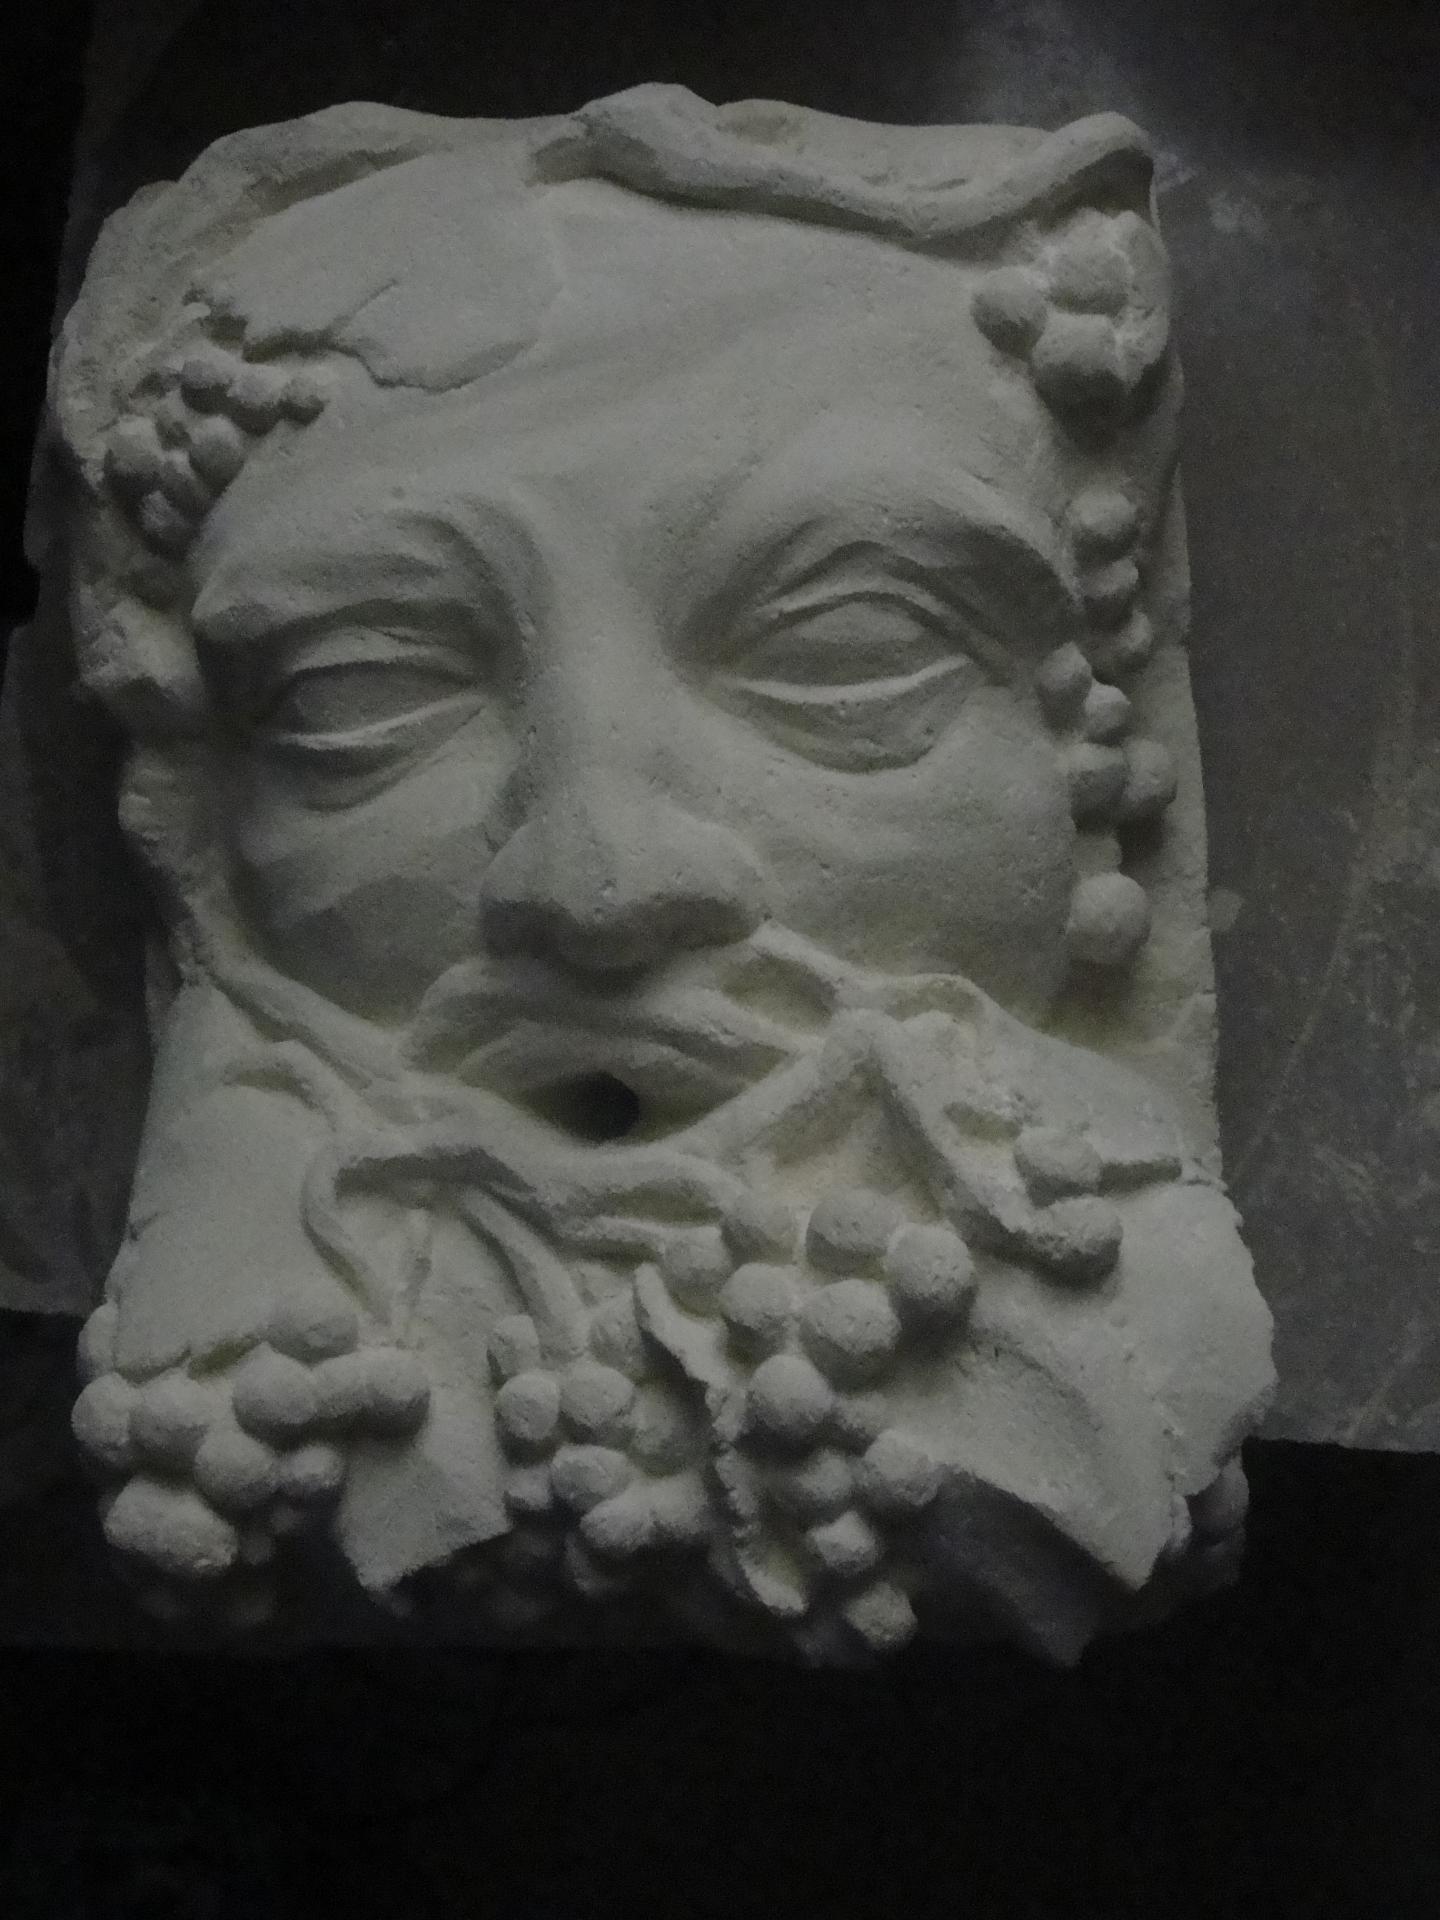 Cracheur en pierre bacchus ou homme vigne 50cm par jean joseph chevalier 14